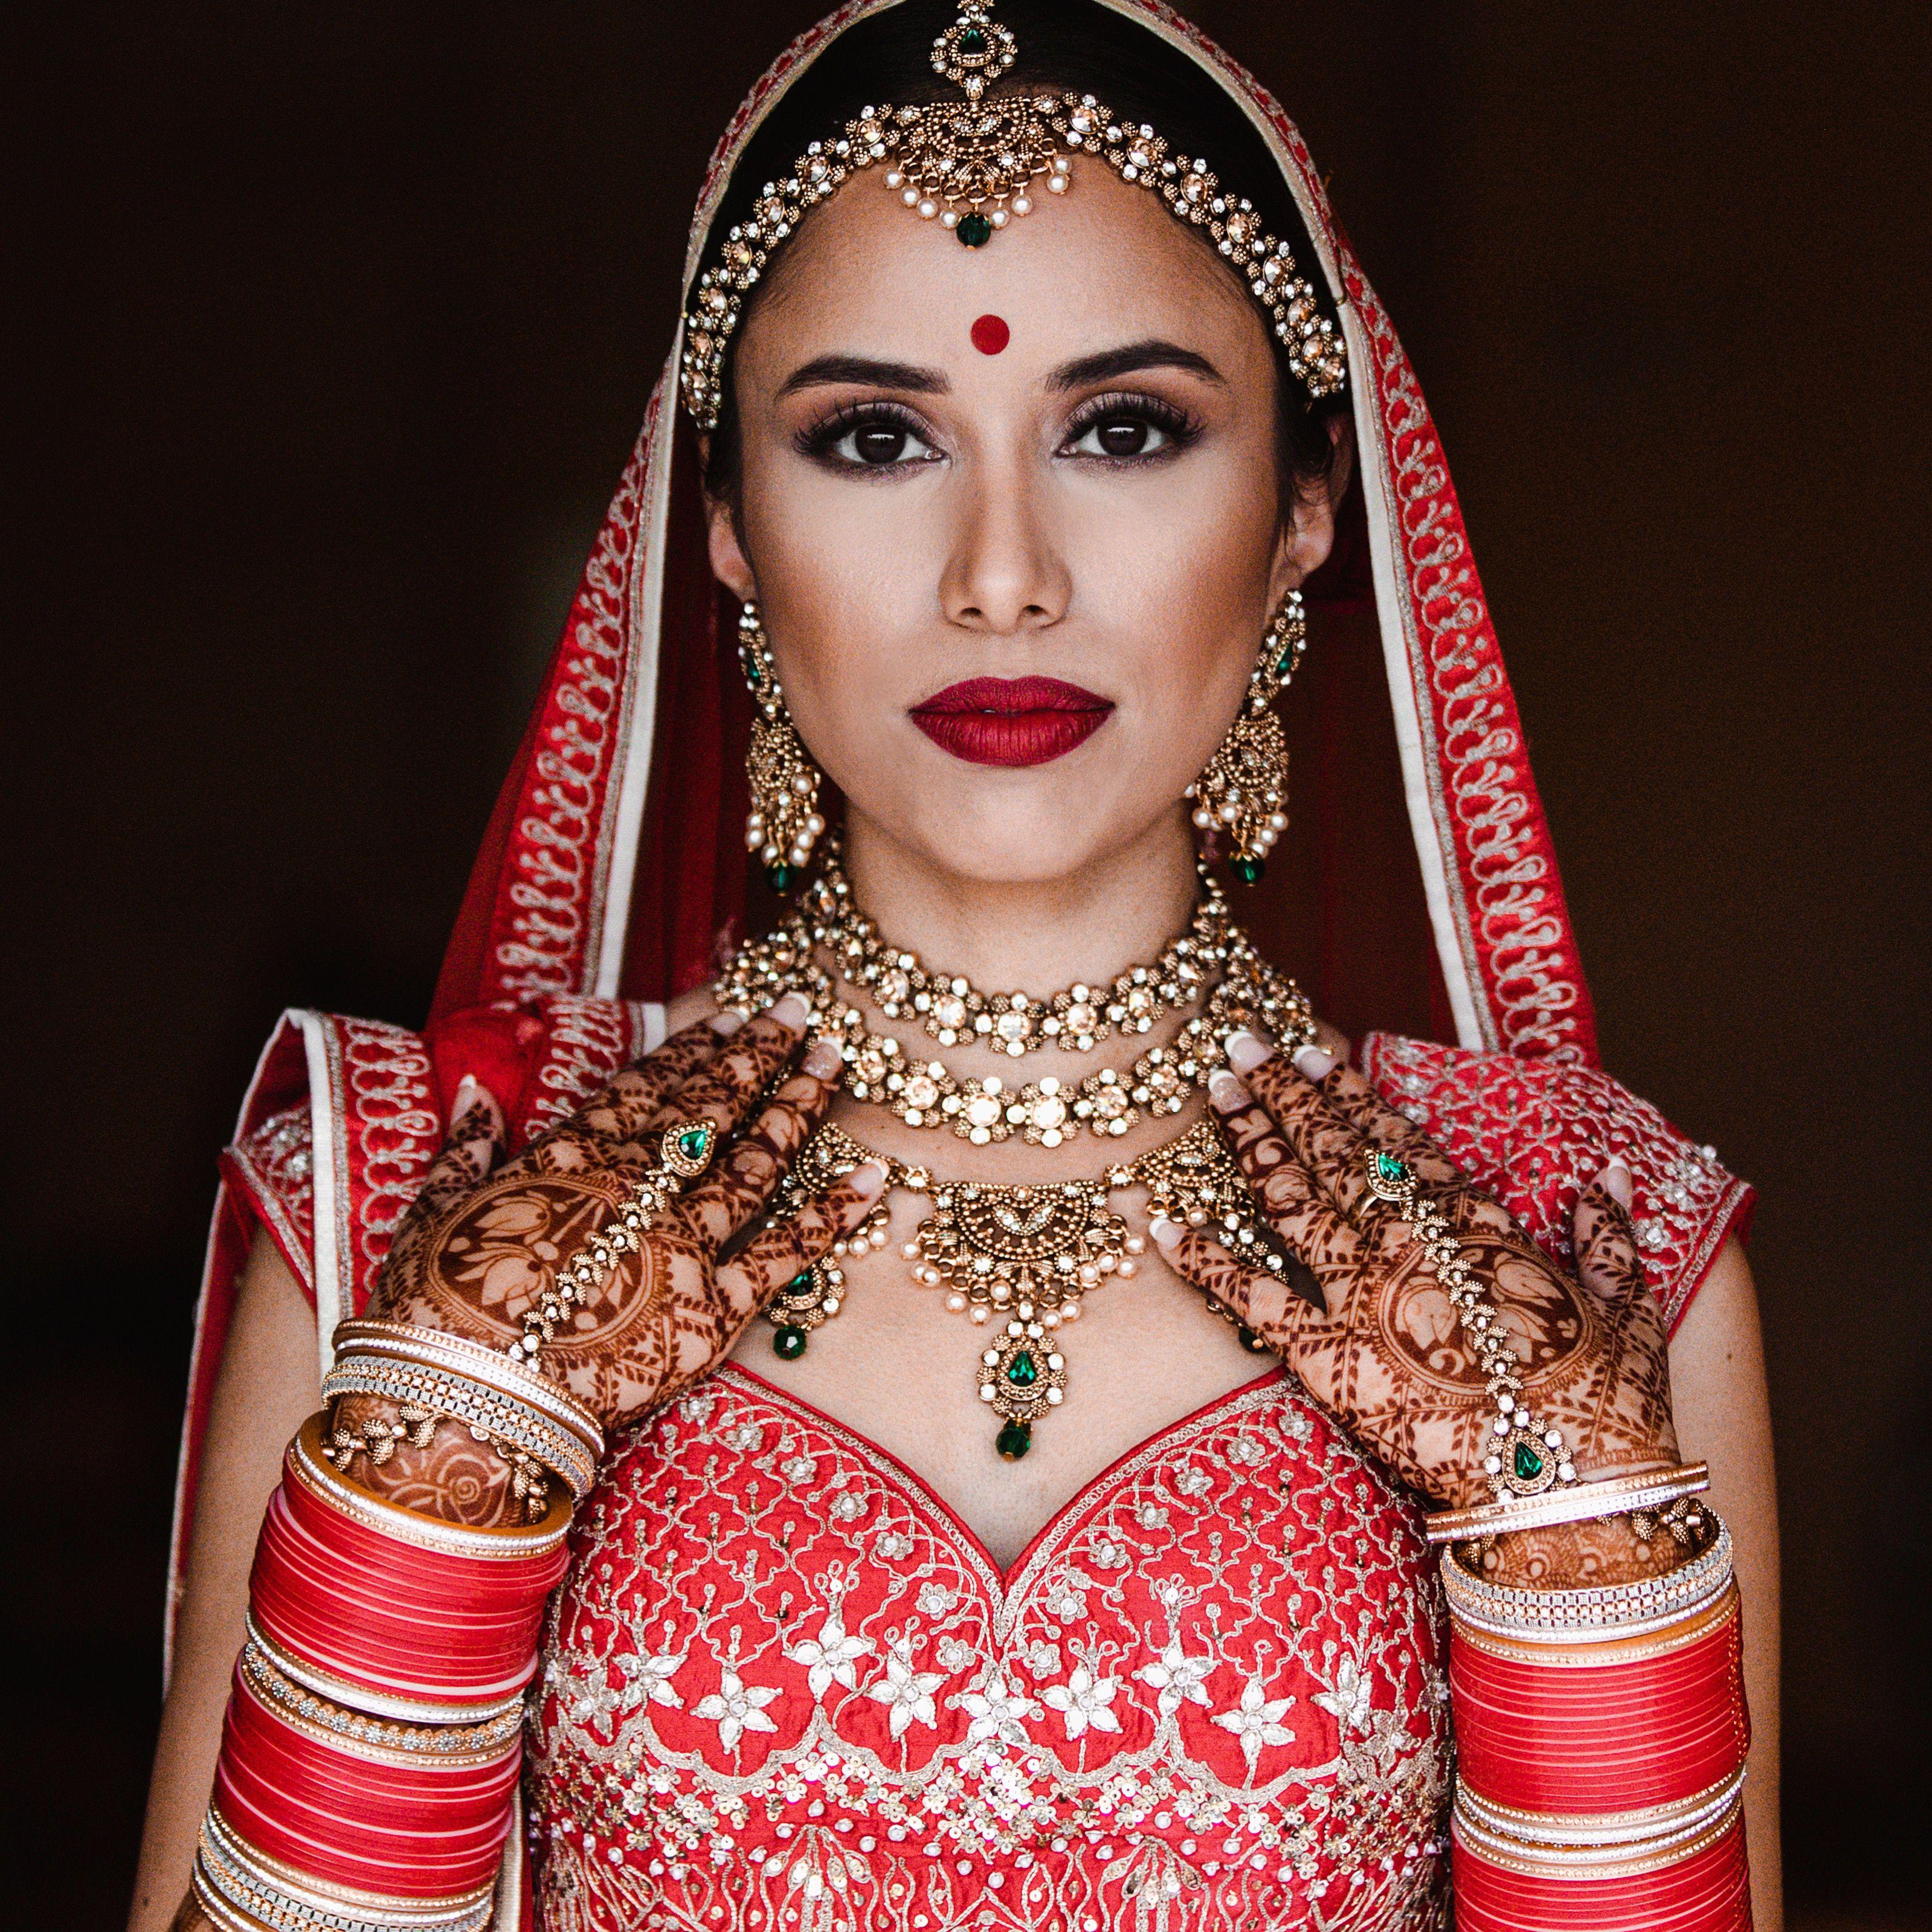 Nina Ubhi Makeup Indian bride makeup, Indian wedding